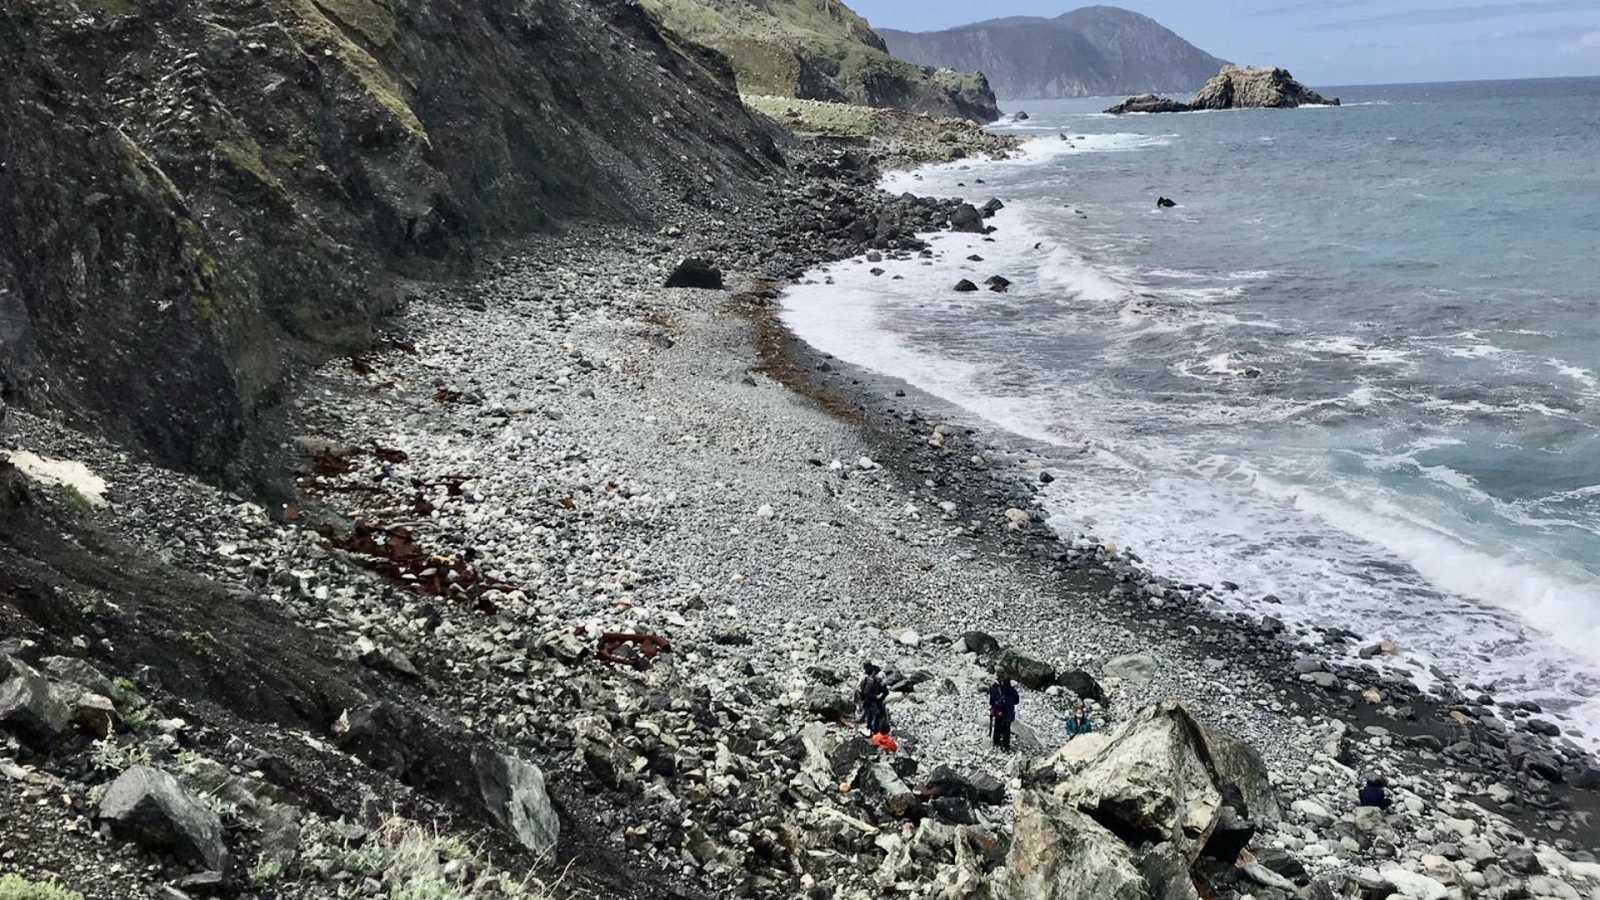 Global 5 - Georutas Cabo Ortegal (II): Playa arenas negras Teixidelo - 20/10/20  - Escuchar ahora